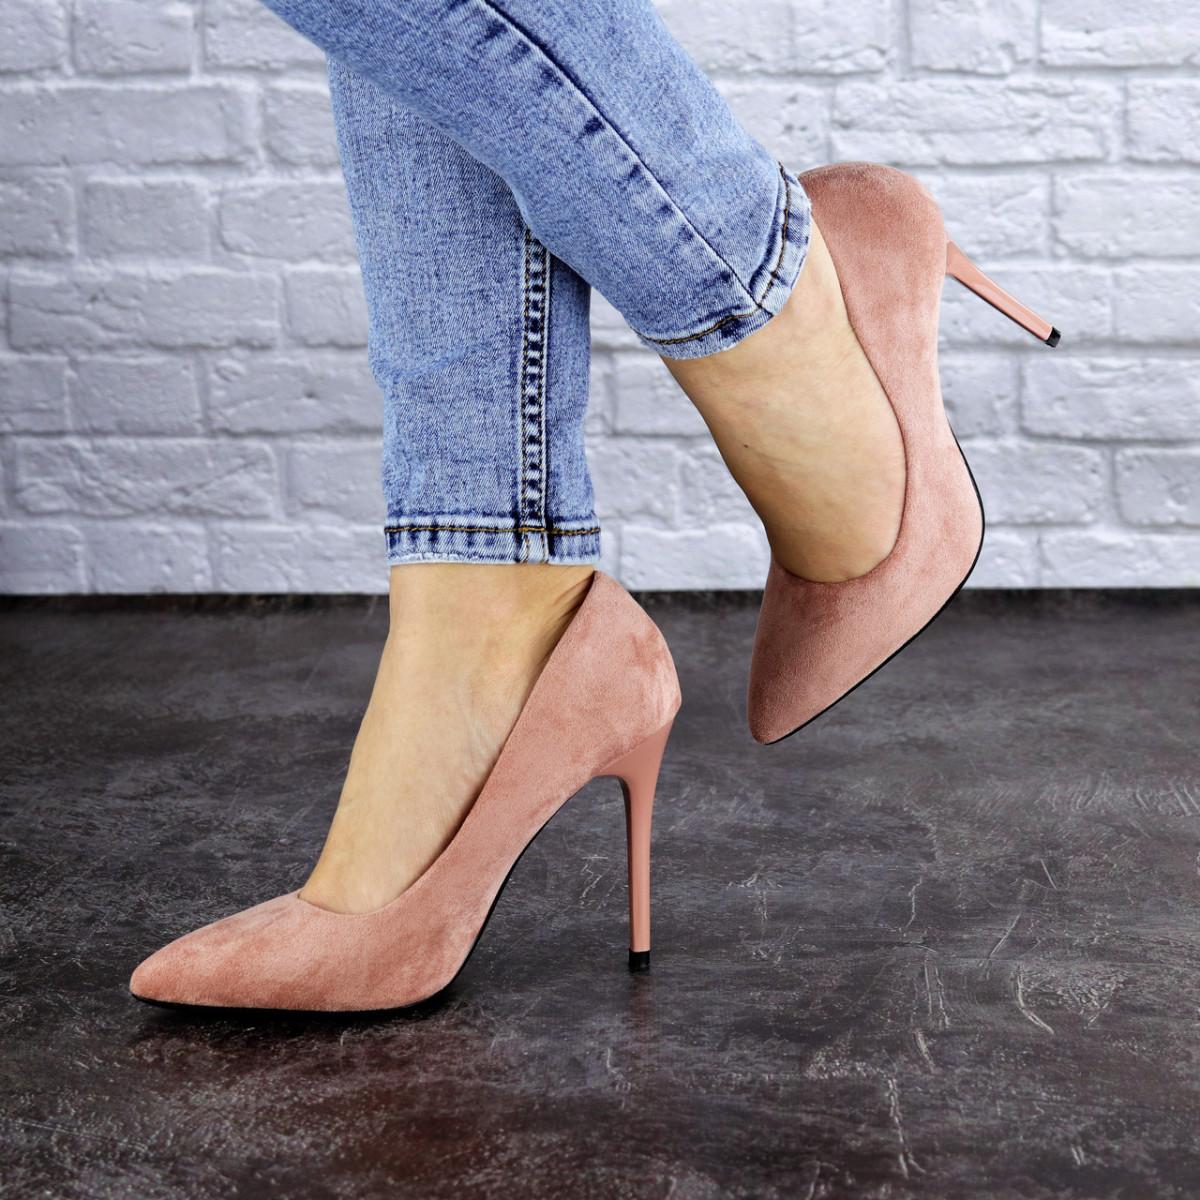 Жіночі туфлі на підборах Fashion Cleo 1928 38 розмір 24,5 см Рожевий